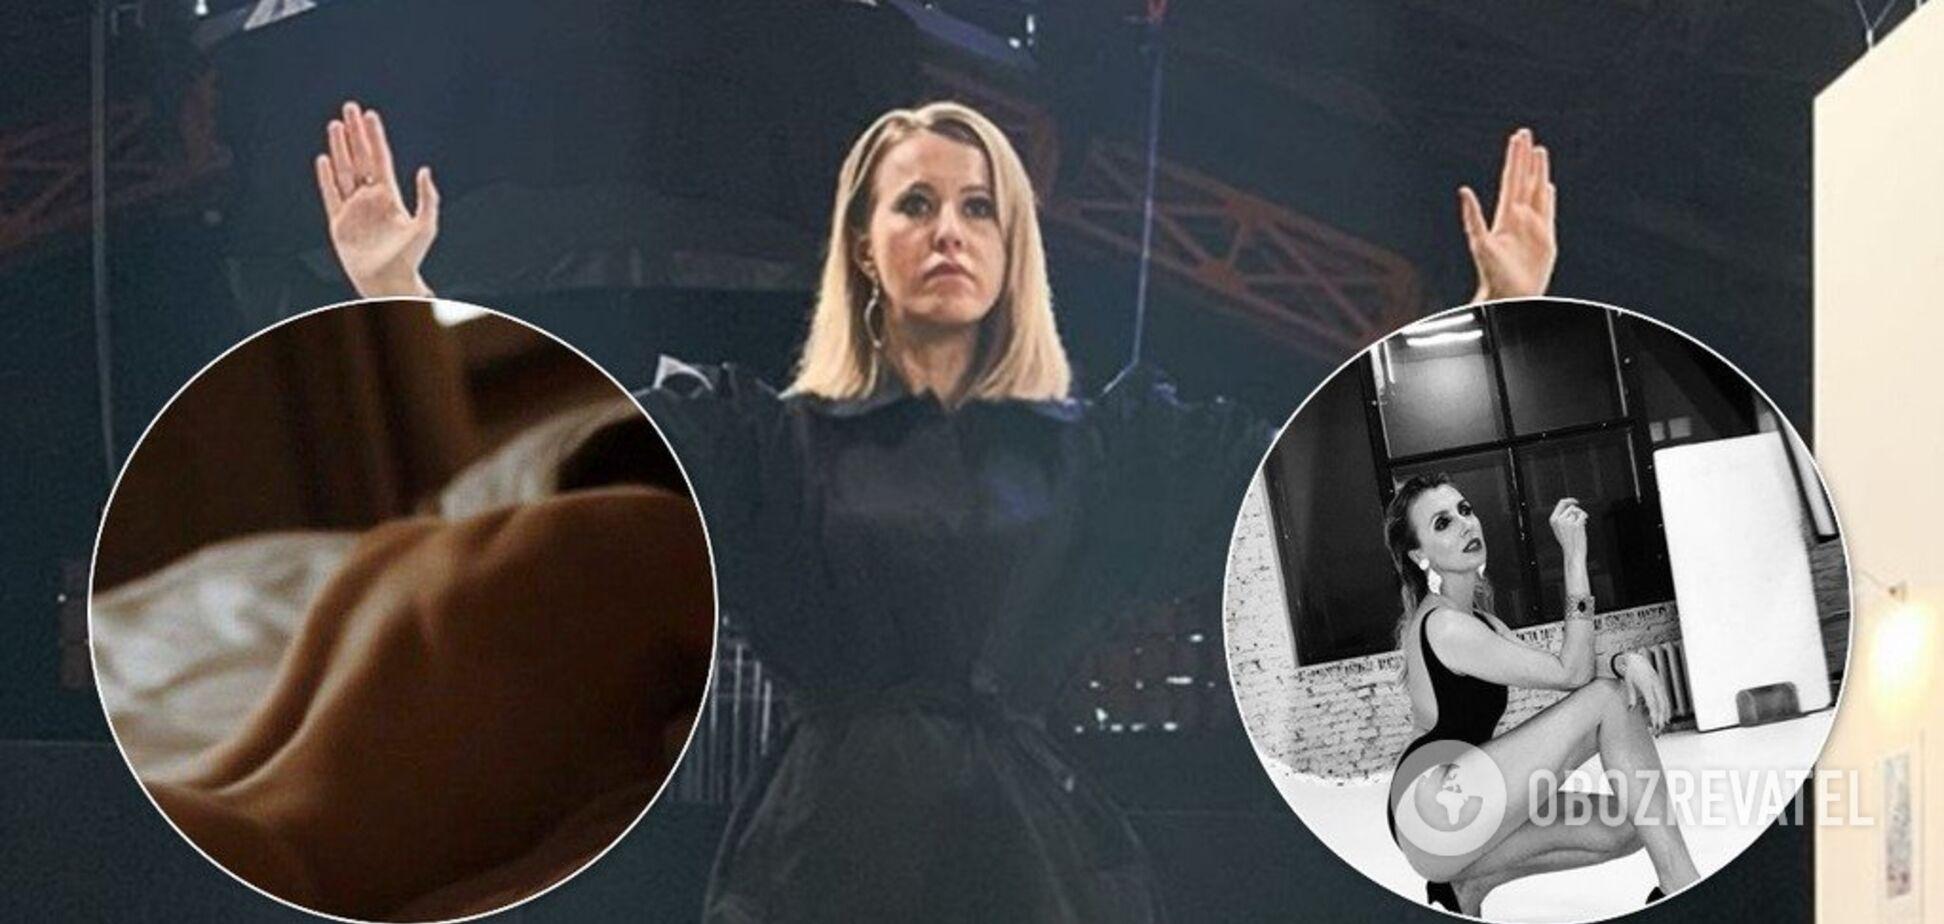 'Придется запастись патронами': скандал со взбешенной из-за обнаженки Собчак набирает обороты